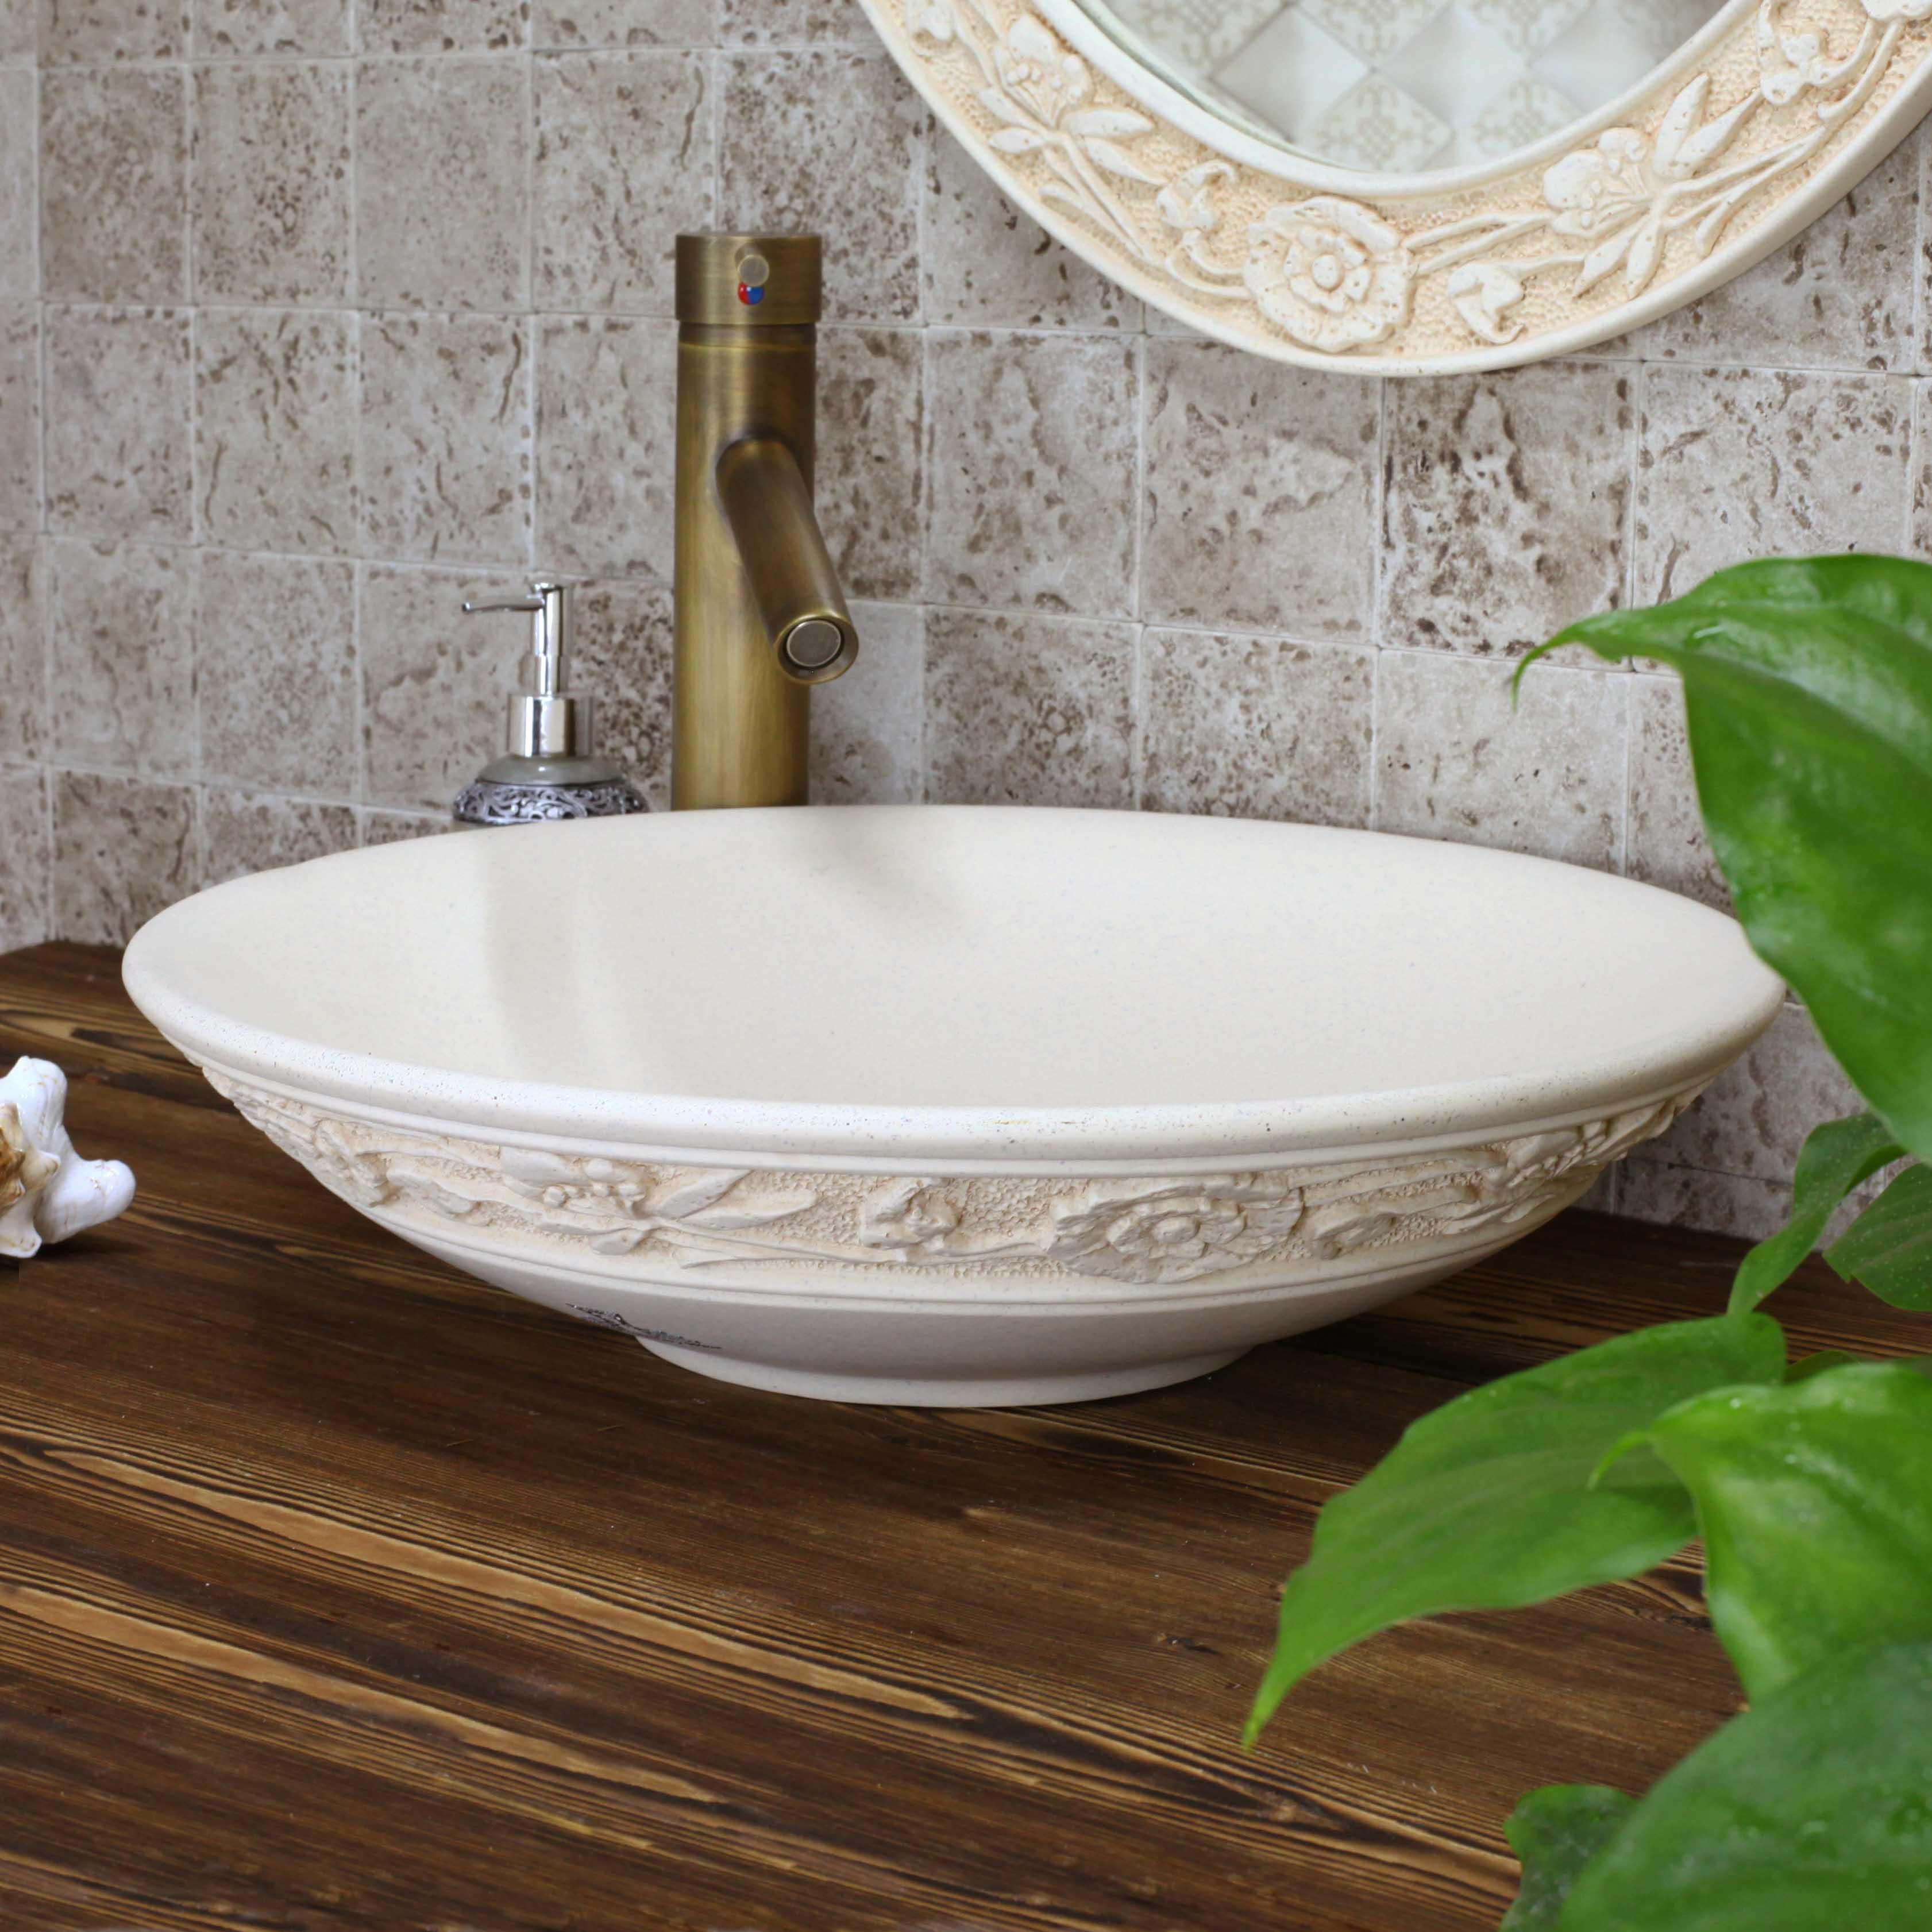 esculpida meaka lavatório moda bacia contador do banheiro lavatório #456E20 3363 3363